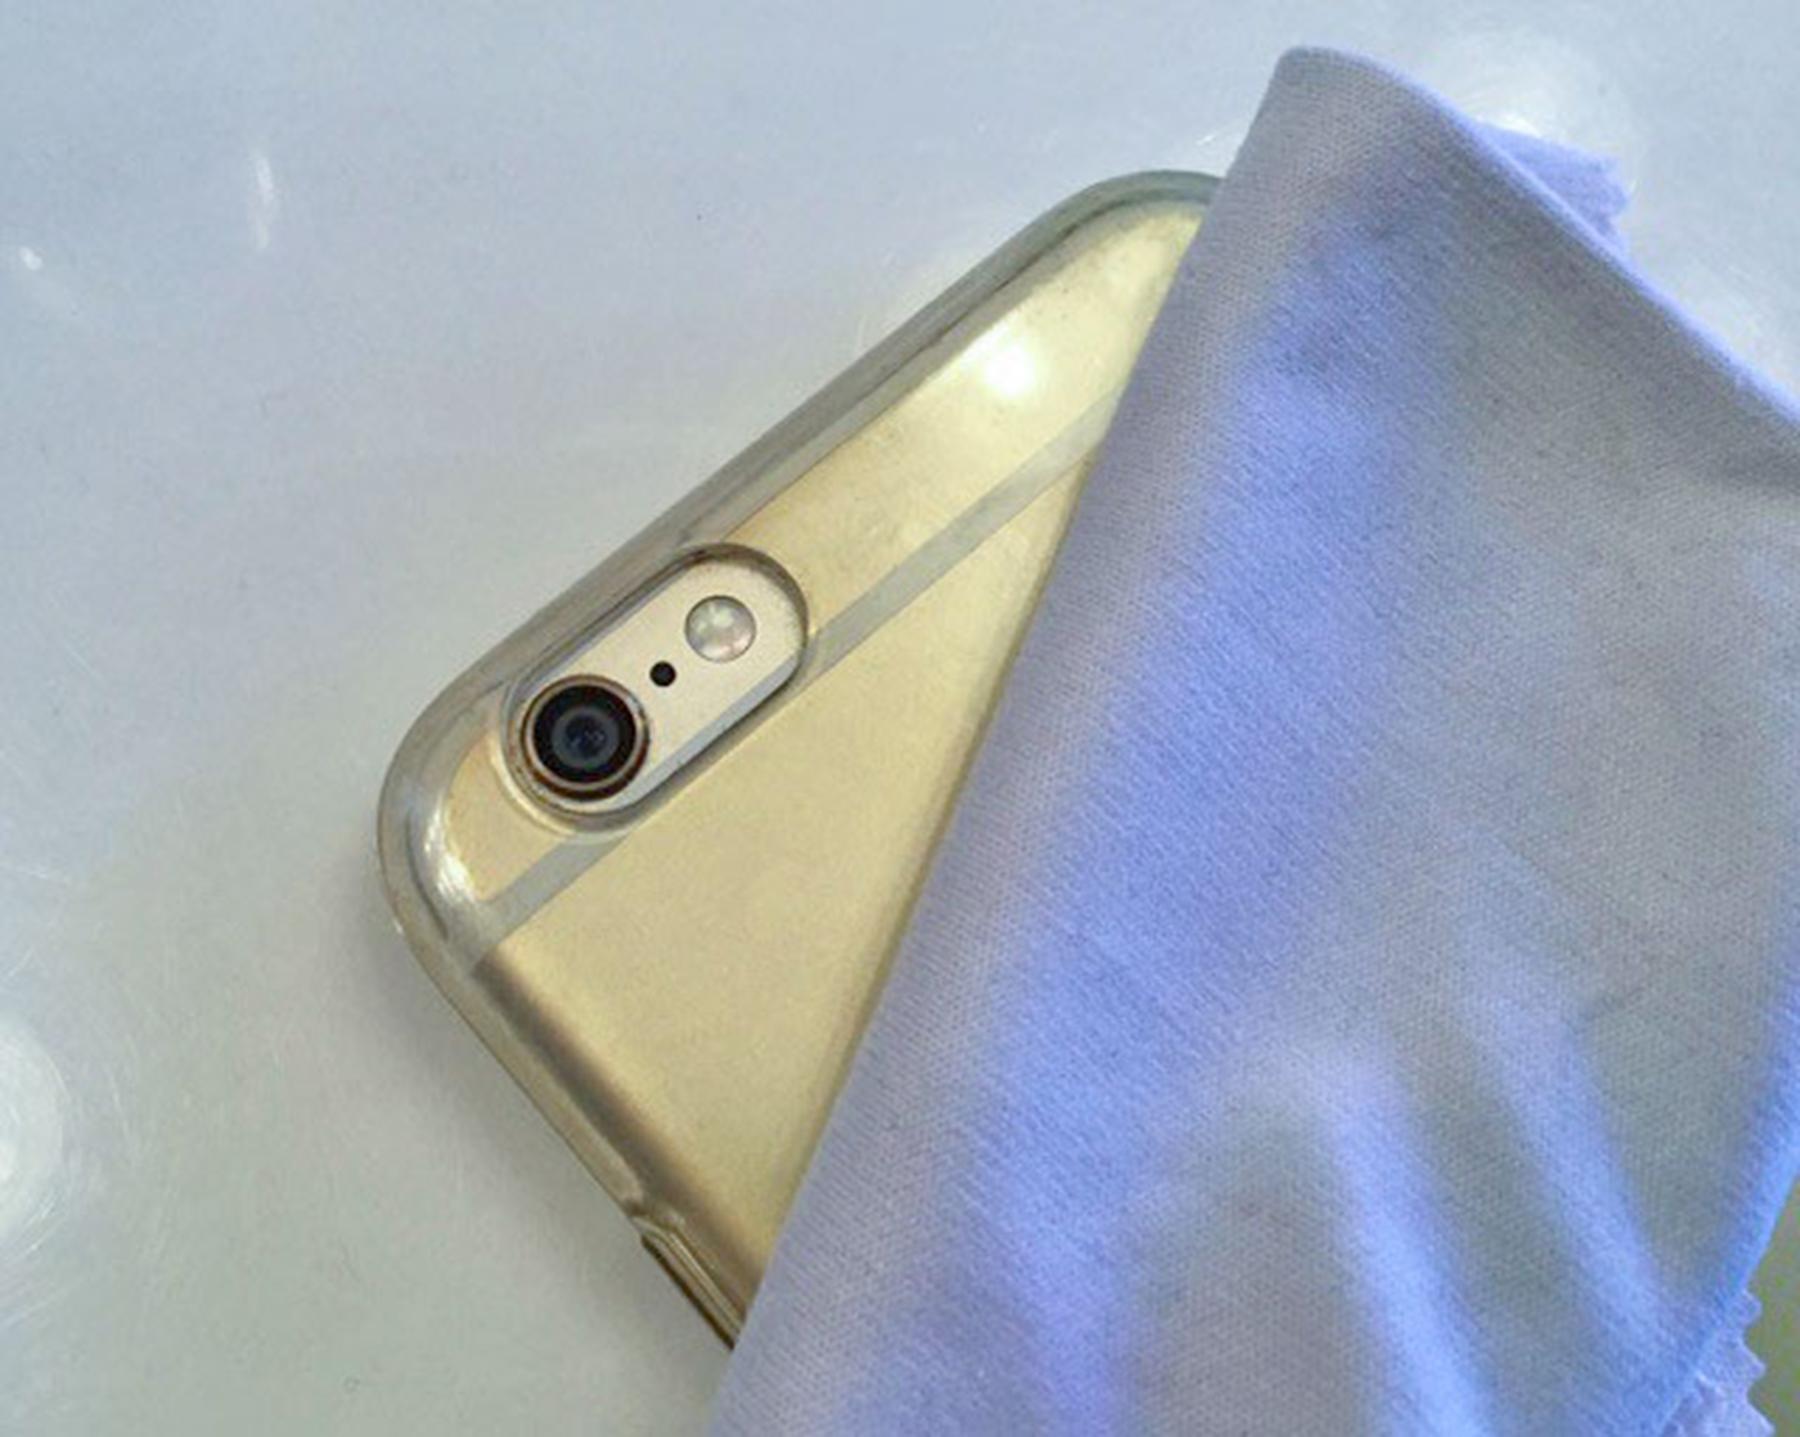 Utilizzare un panno morbido per la pulizia dell'iPhone